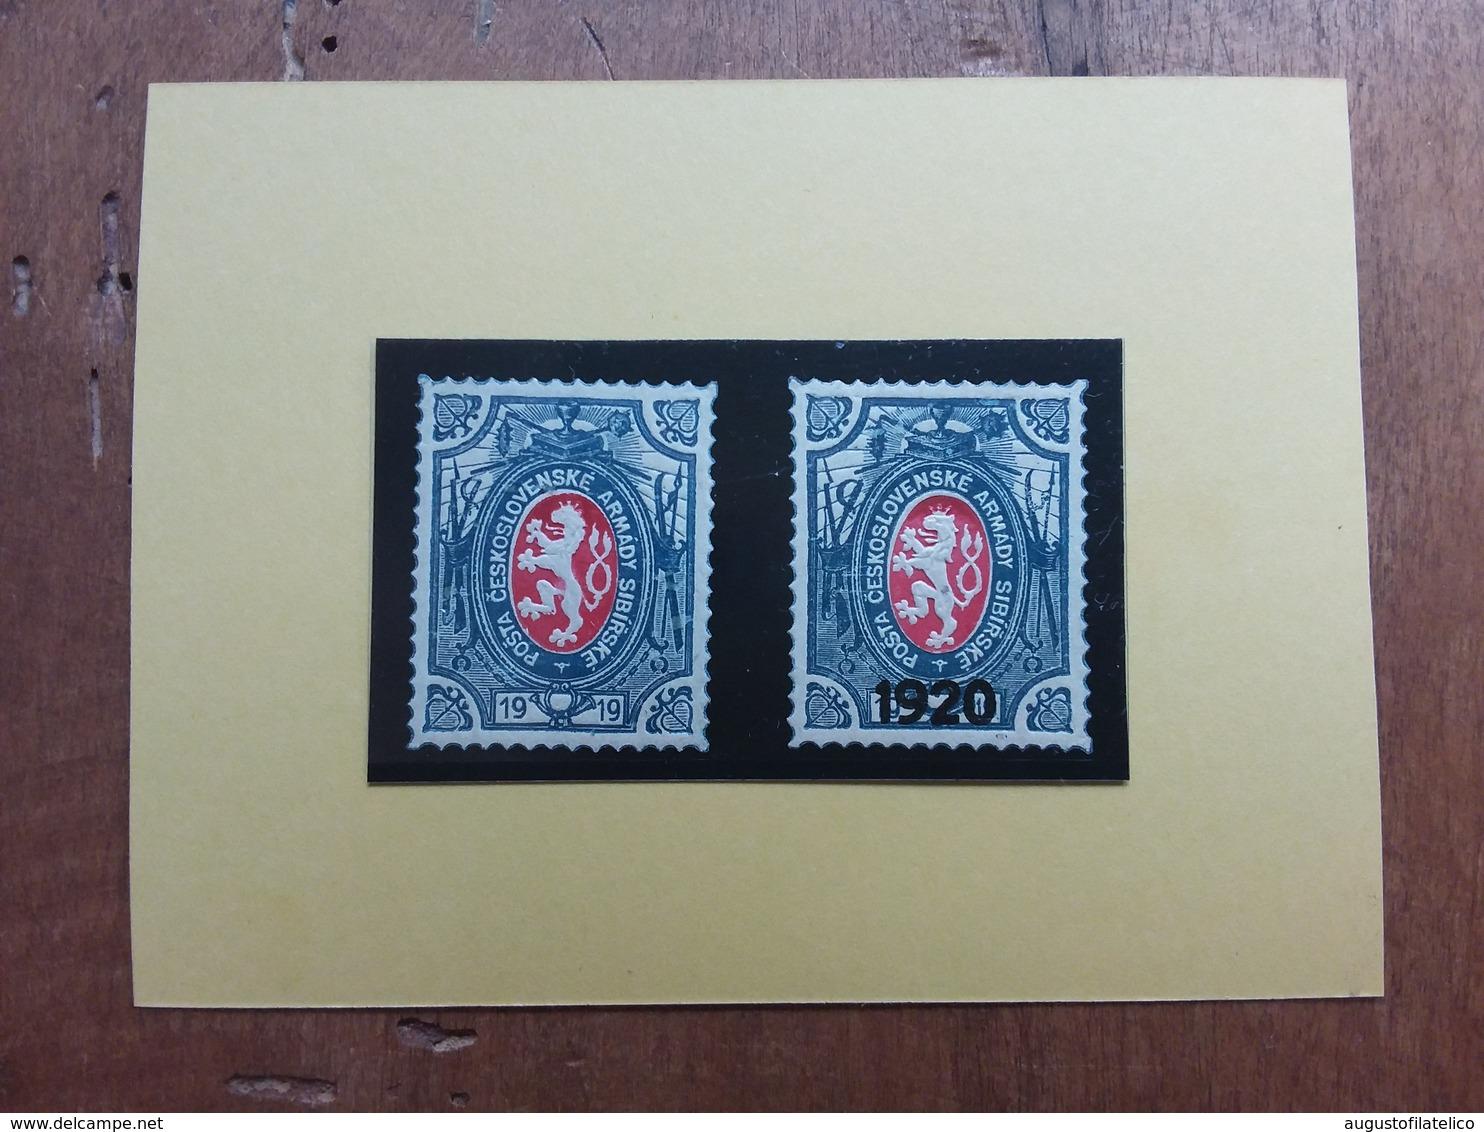 CECOSLOVACCHIA 1920 - Spedizione In Siberia - Leone Di Boemia */** + Spese Postali - Cecoslovacchia